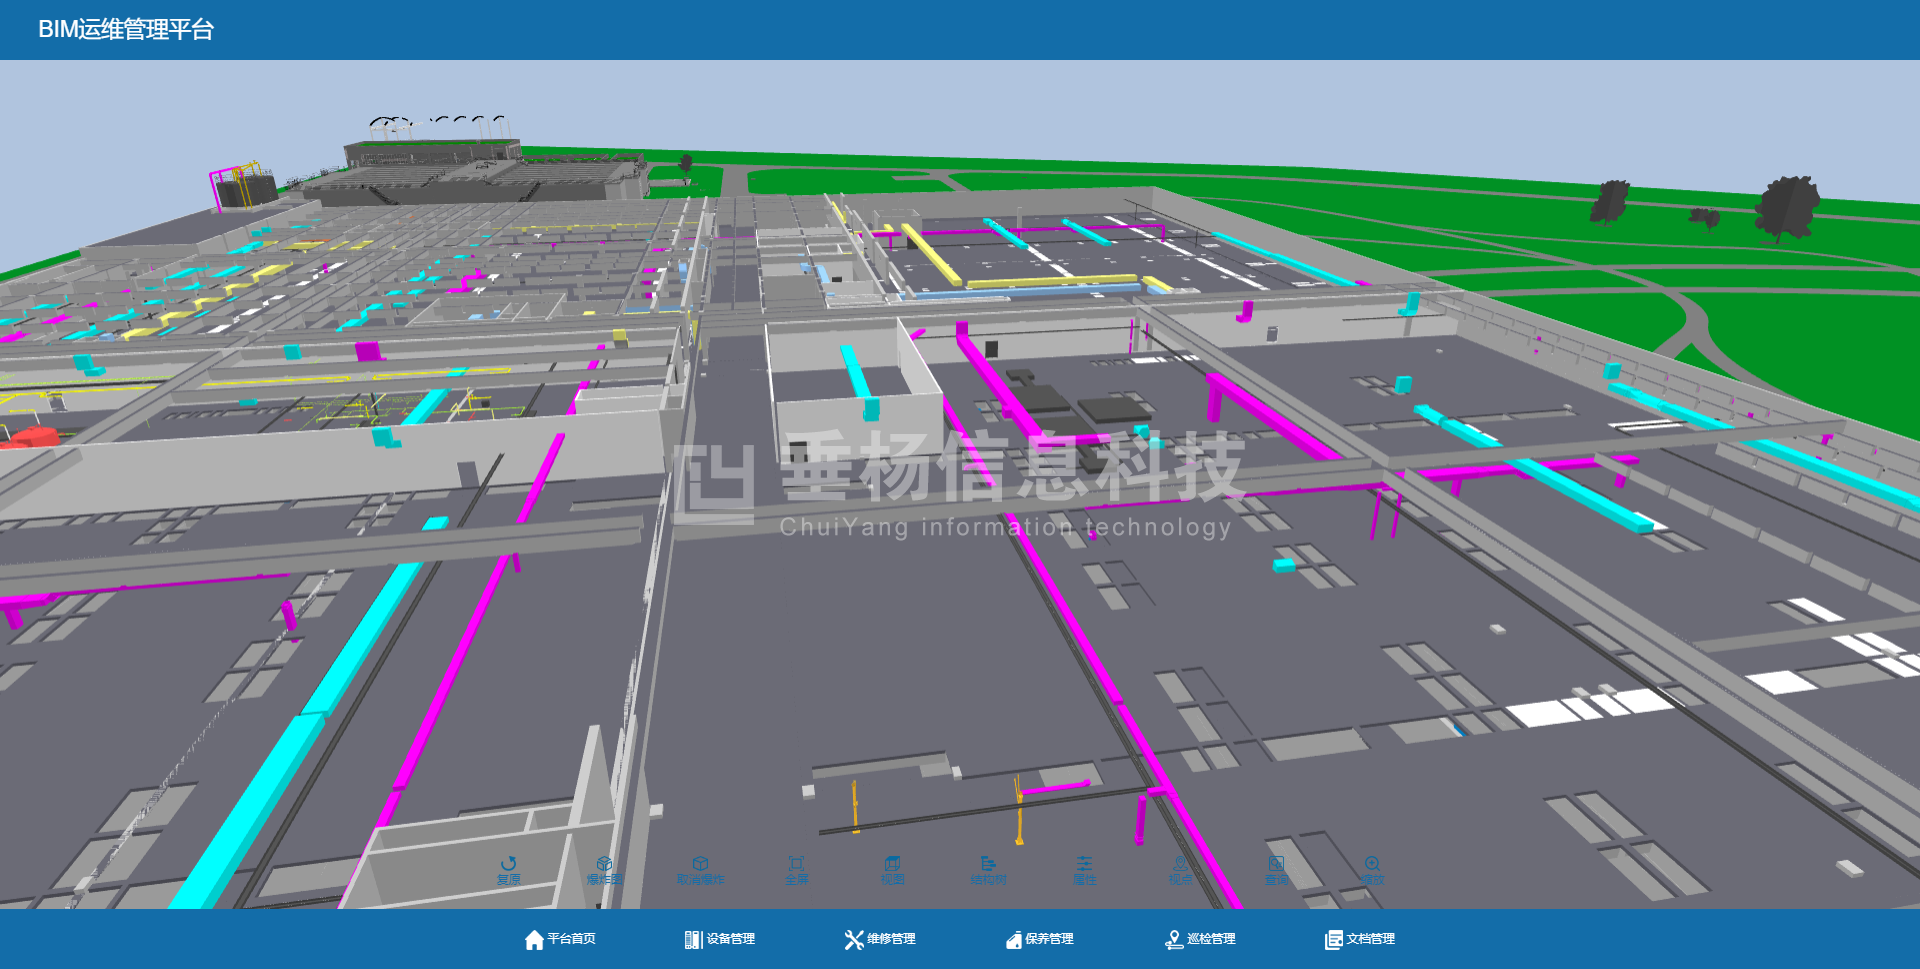 市政交通BIM应用设计,三维实景网格,排水,地下设施和道路